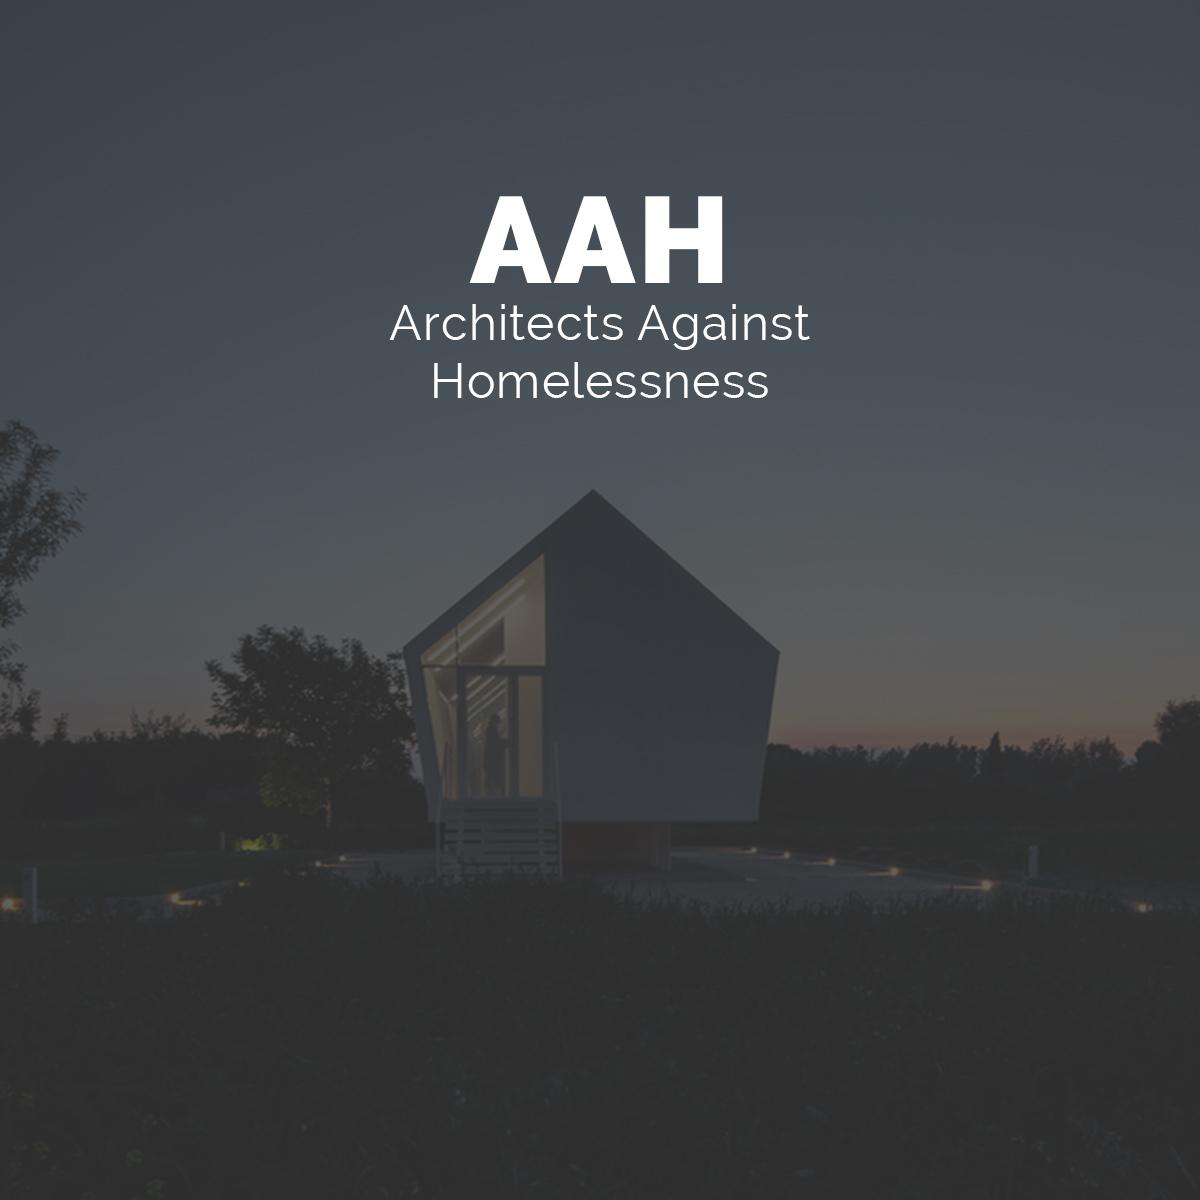 AAH-media